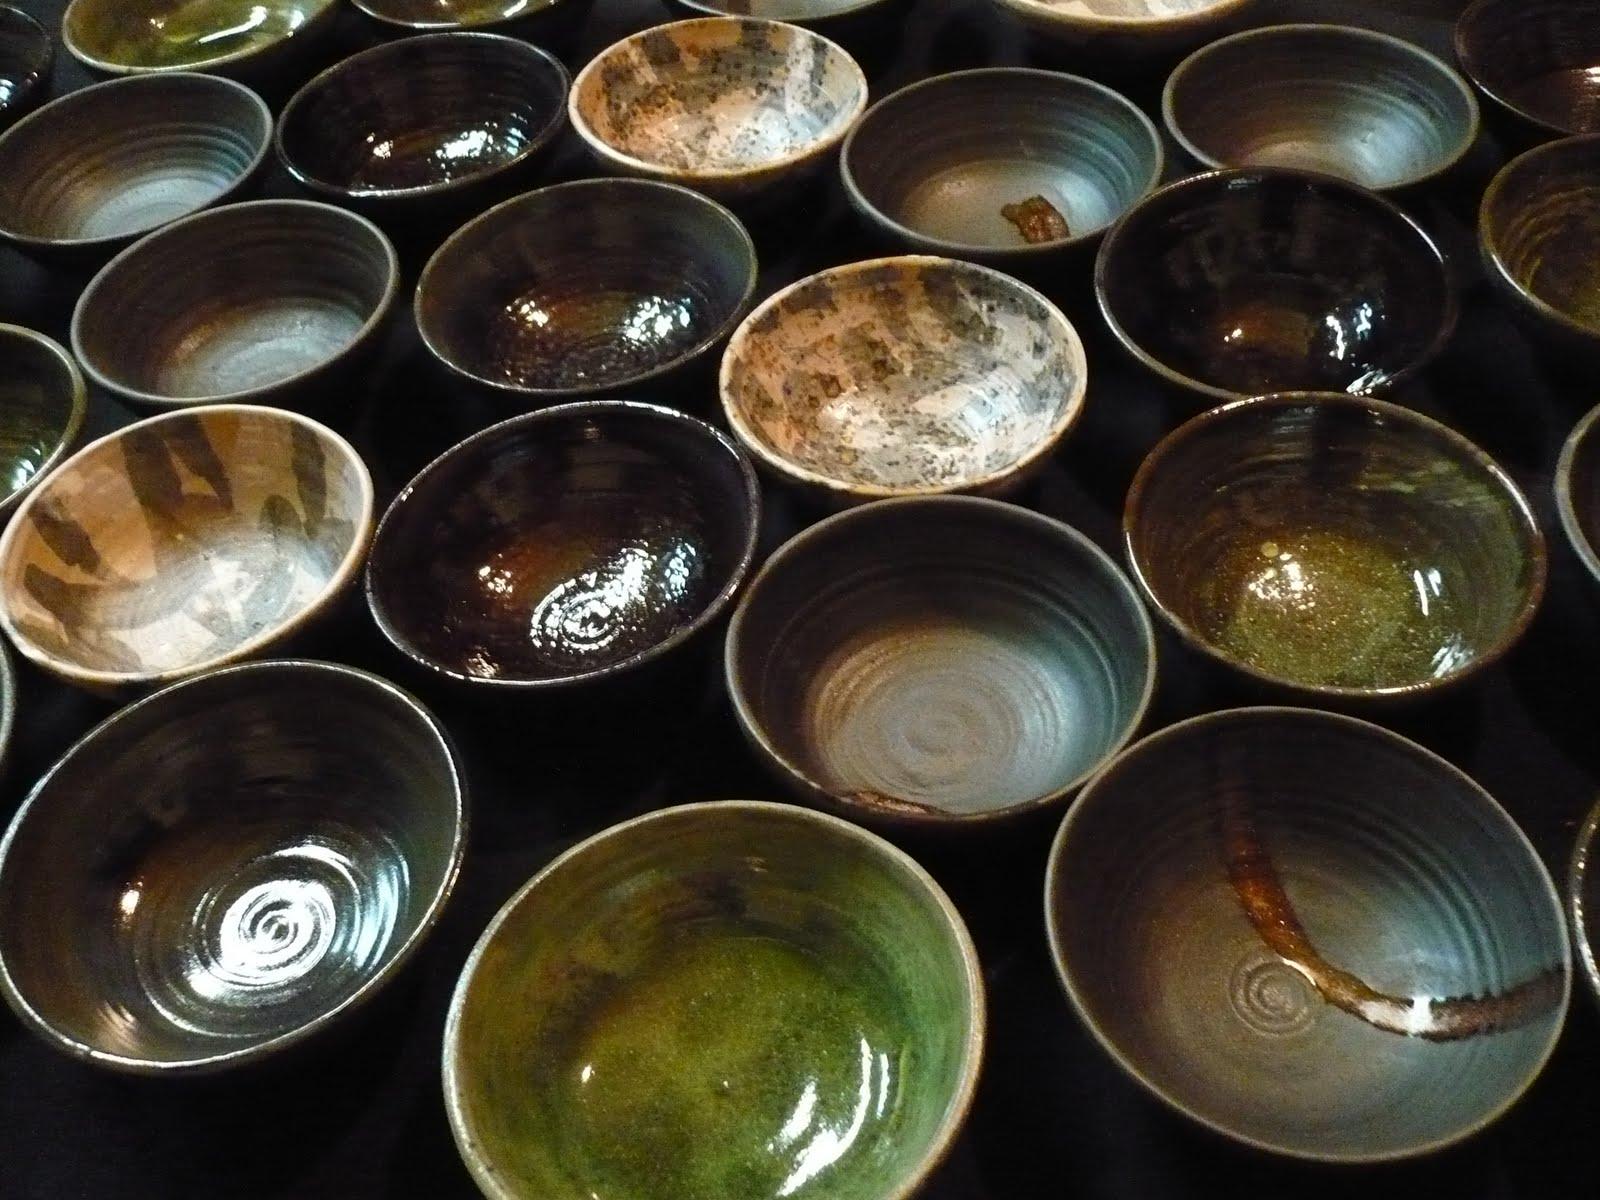 chisato ceramica encargo de vajillas para el restaurante koan